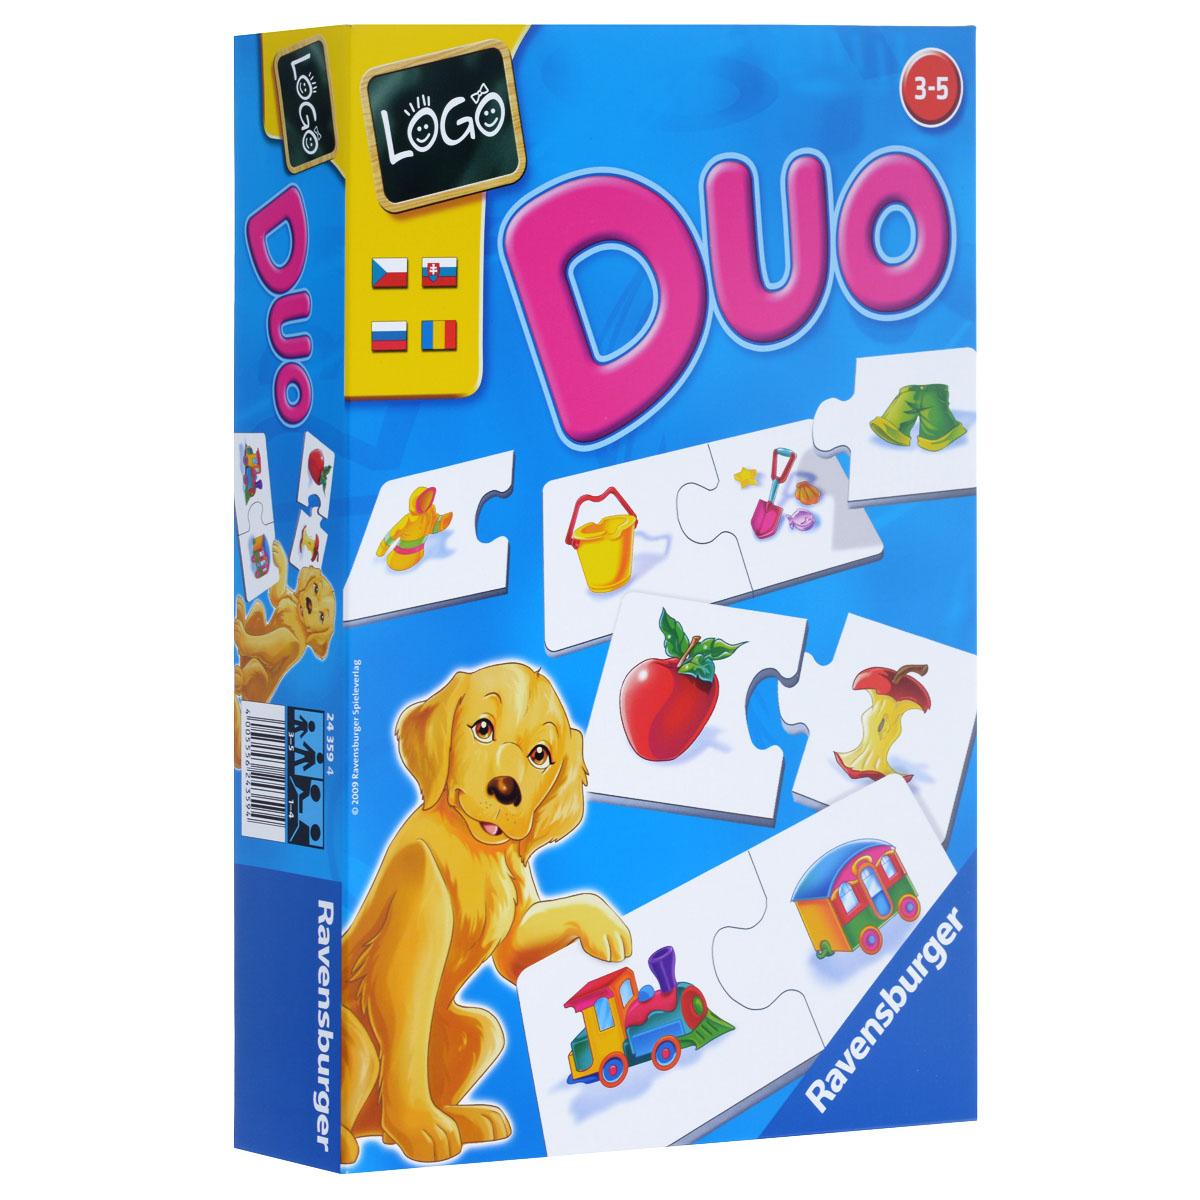 Ravensburger Настольная игра Лого Дуо24359Настольная игра Ravensburger Лого Дуо позволит вашему ребенку весело и с пользой провести время. Подходит для одного ребенка или для групповой игры. Цель игры - малыши должны найти соответствие между картинками связь. С помощью выступов на карточках, то есть носиков, дети сами смогут понять, подходят ли те друг другу. Это делает поиск подходящих пар карточек увлекательным в том случае, если ребенок играет один. Игра имеет четыре варианта: Найди пару, У кого подходящая карточка?, Обмен картинками, Поиск картинок с закрытыми карточками. В комплект игры входят 12 картонных пар карточек с картинками в виде предметов окружающего ребенка мира и правила игры на русском языке. Игра учит логическому мышлению, внимательности, умению общаться. Рекомендуемый возраст: от 3 до 5 лет. Продолжительность игры: 10-15 минут.